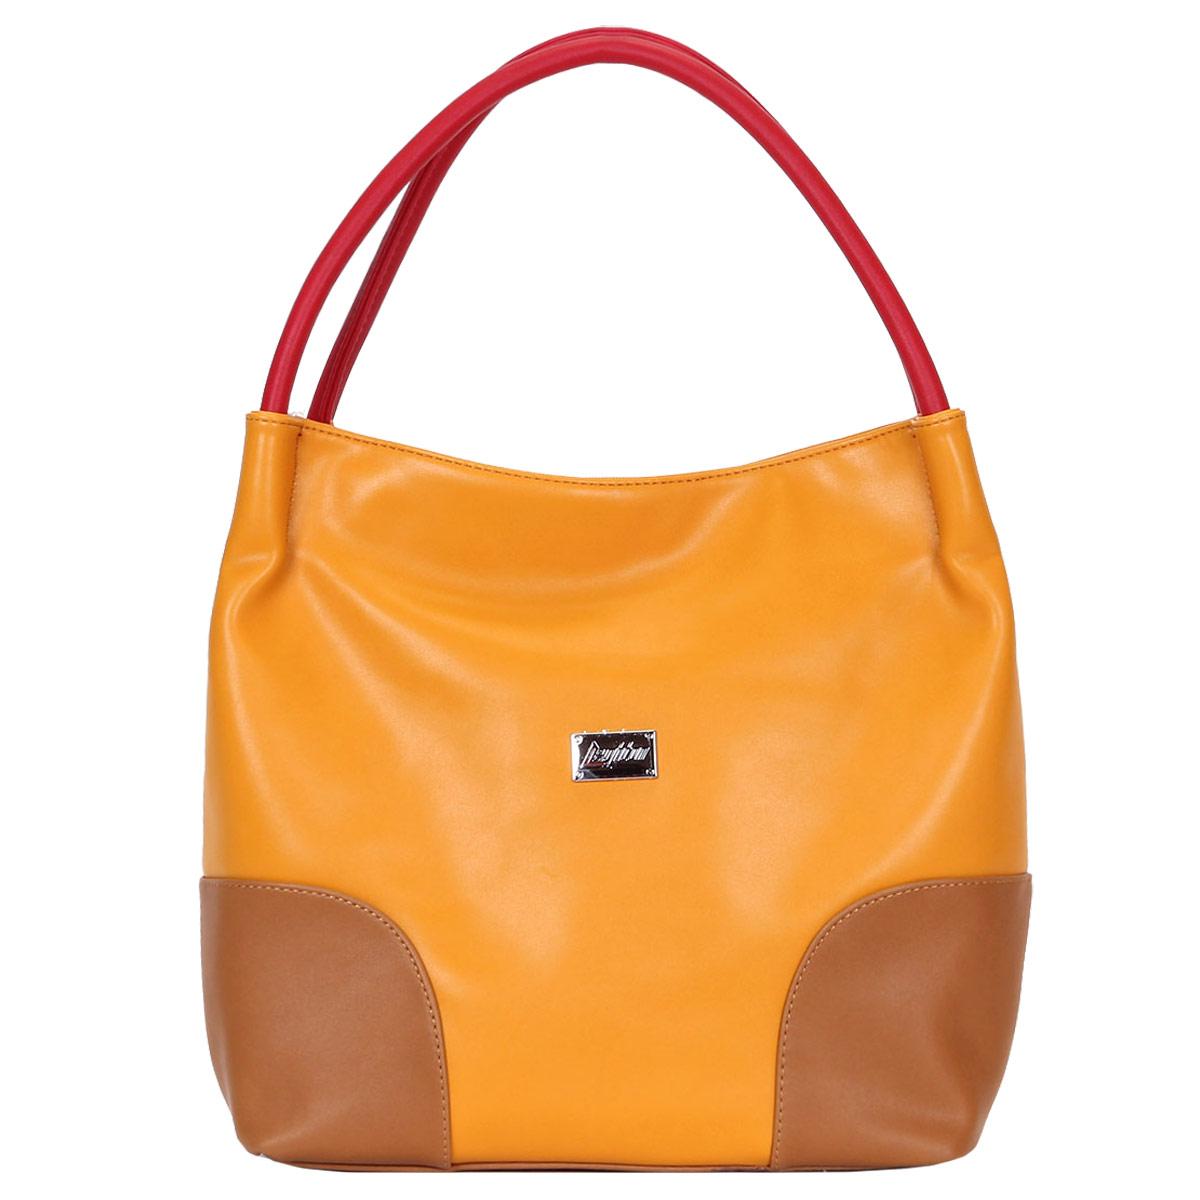 Сумка женская Leighton, цвет: желтый, бежевый. 350204-1092/826/1092/806/350204-1092/826/1092/806/Модная женская сумка Leighton выполнена из высококачественной искусственной кожи и декорирована небольшой металлической пластиной с названием бренда на лицевой стороне. Сумка закрывается на удобную застежку-молнию. Внутреннее отделение разделено карманом-средником и дополнено двумя накладными кармашками для мелочей и мобильного телефона и врезным карманом на застежке-молнии. На обратной стороне сумки расположен врезной карман на молнии. Дно защищено металлическими ножками, обеспечивающими дополнительную устойчивость. Изделие упаковано в фирменный чехол. Сумка Leighton - это стильный аксессуар, который подчеркнет вашу индивидуальность и сделает ваш образ завершенным. Классическое цветовое сочетание, стильный декор, модный дизайн - прекрасное дополнение к гардеробу модницы.